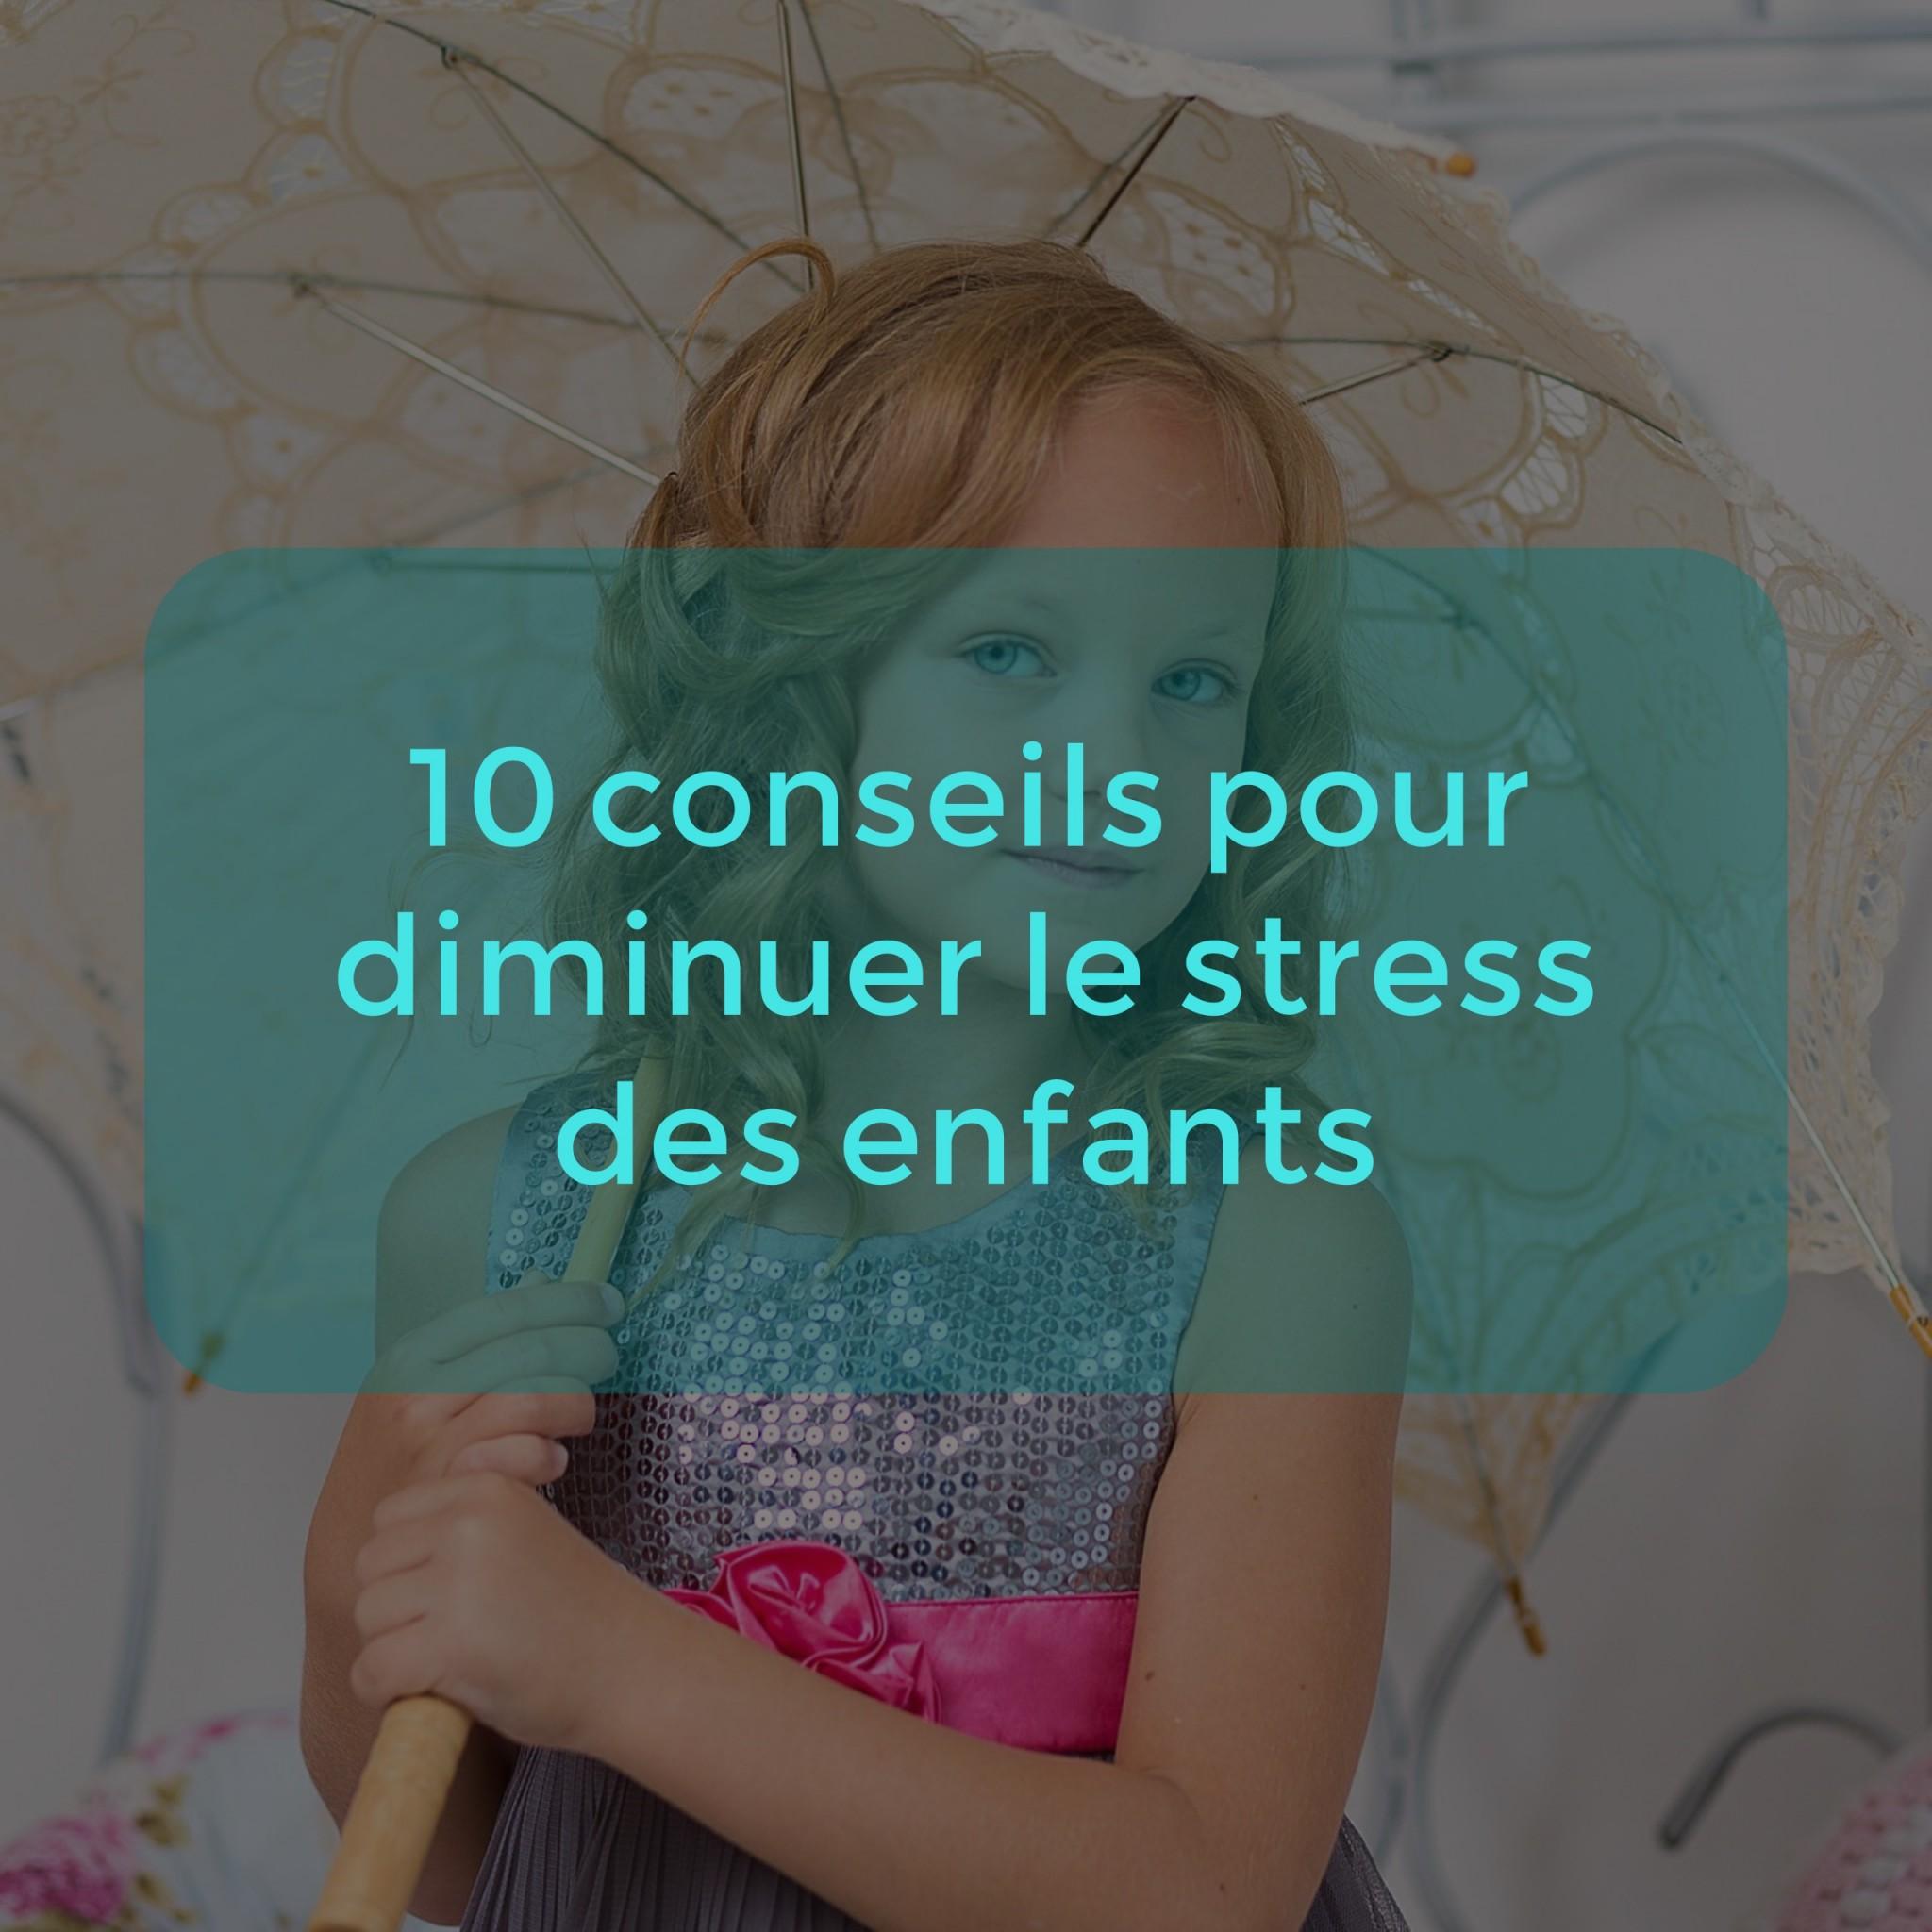 10-conseils-pour-diminuer-le-stress-des-enfants